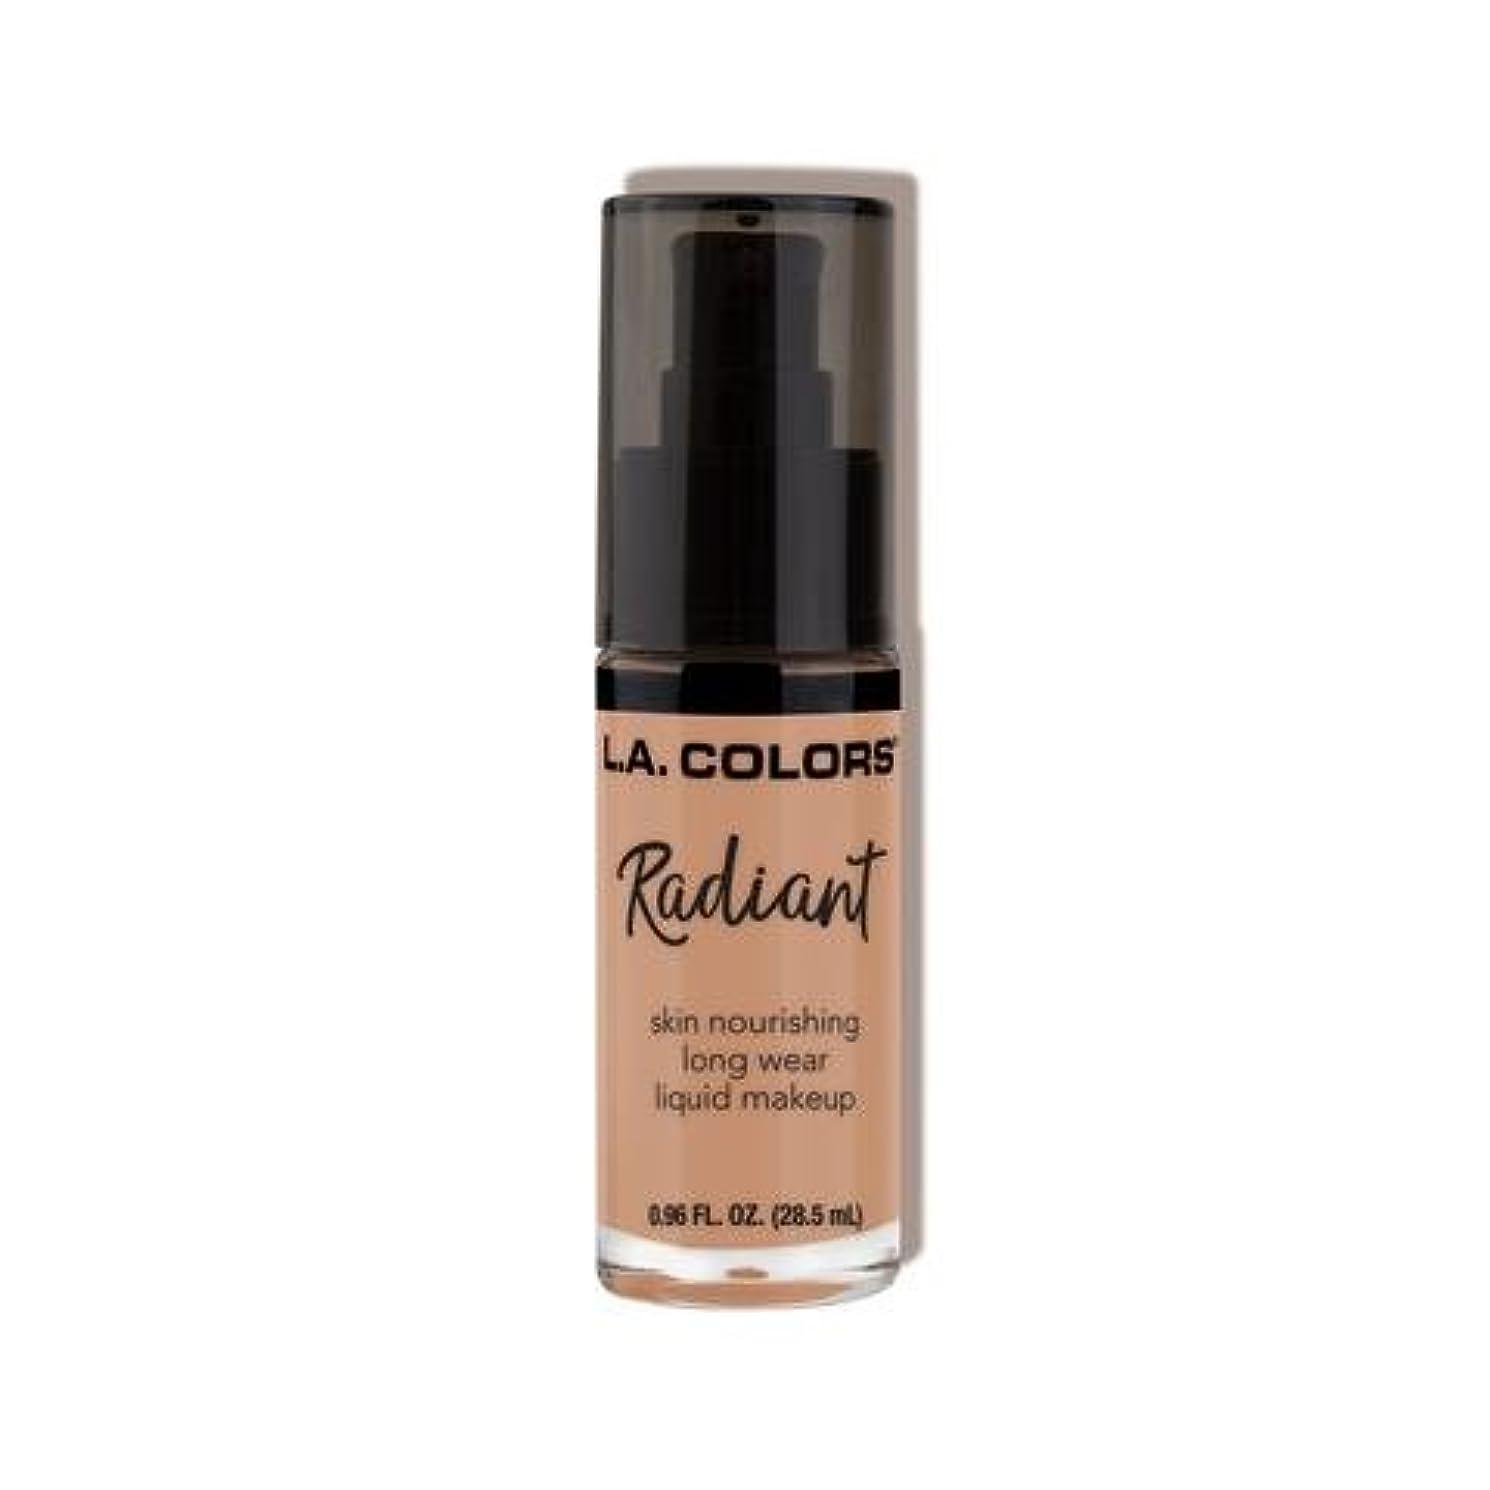 脚本家個人的な長くする(3 Pack) L.A. COLORS Radiant Liquid Makeup - Golden Honey (並行輸入品)